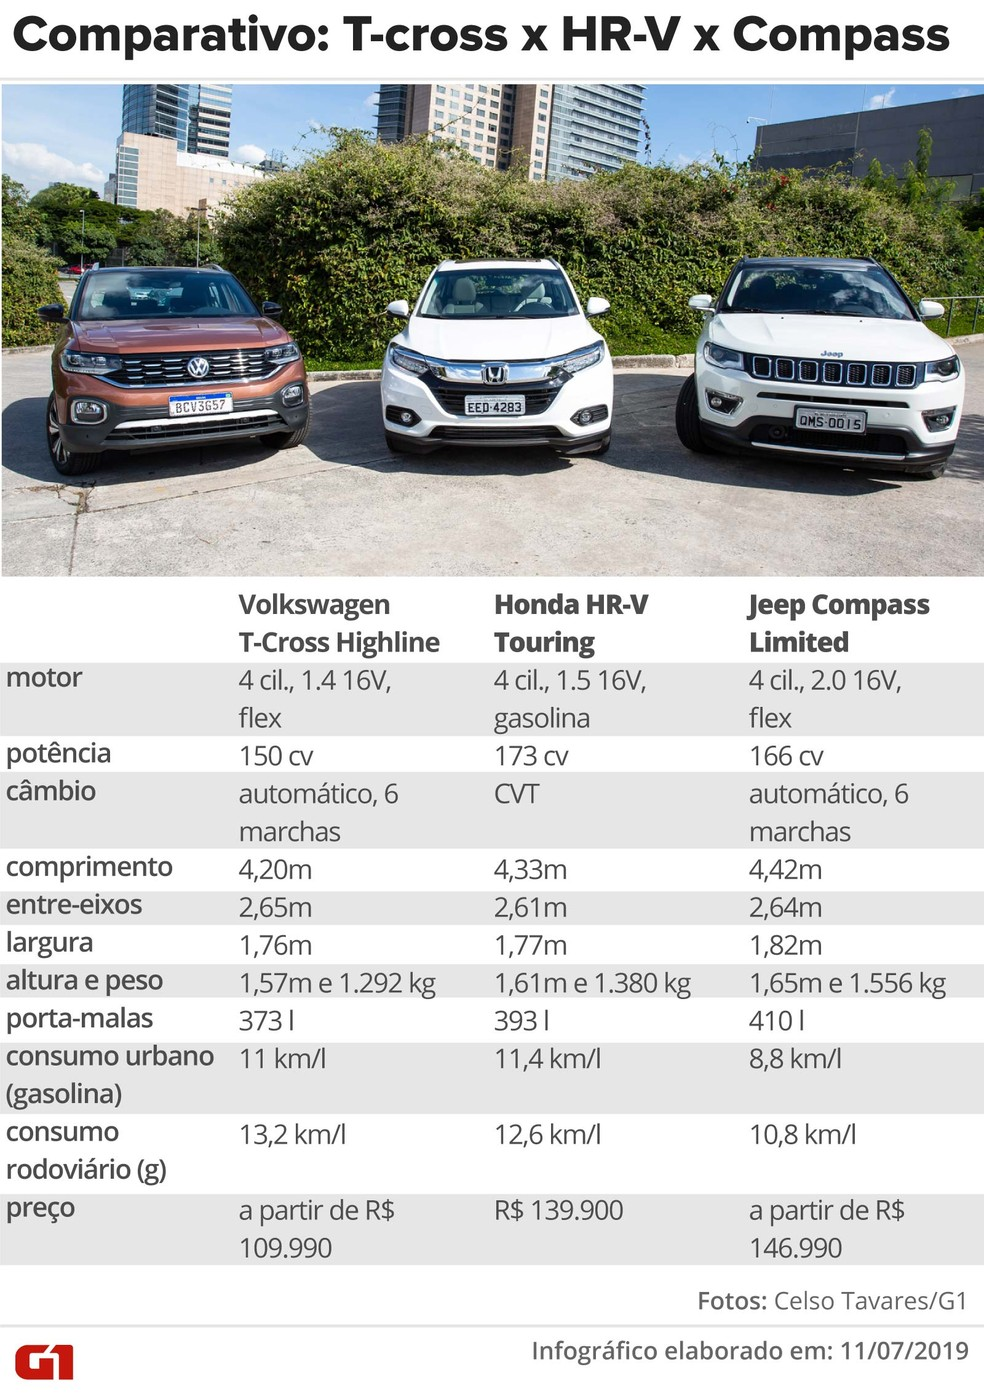 Honda Hr V Touring Volkswagen T Cross Highline E Jeep Compass Limited Comparativo Auto Esporte G1